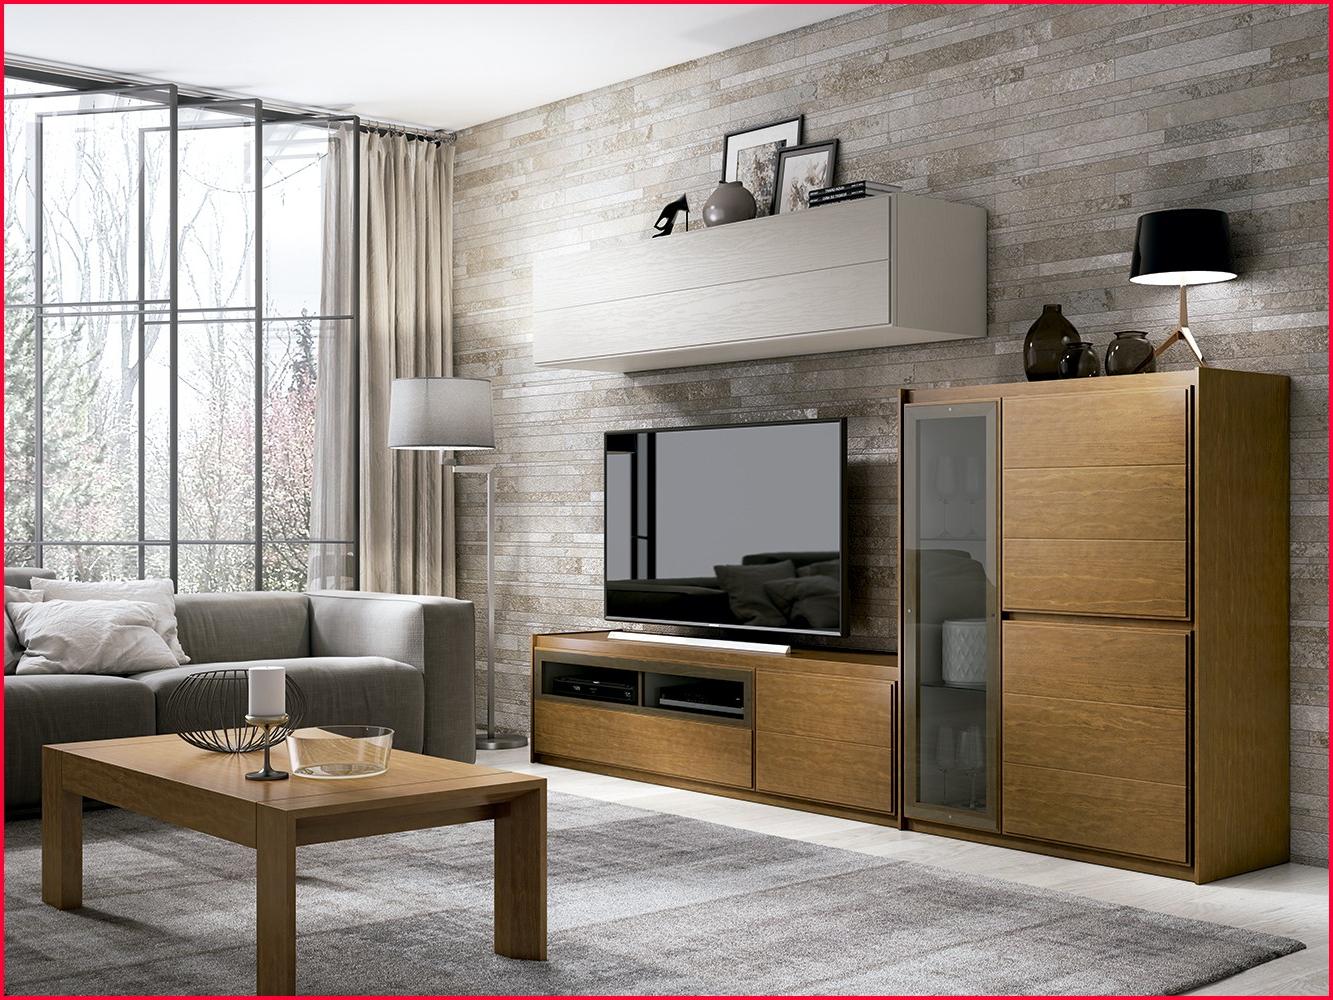 Muebles Salon Baratos Online Mndw Muebles Salon Baratos Online Muebles Actuales Con Madera De